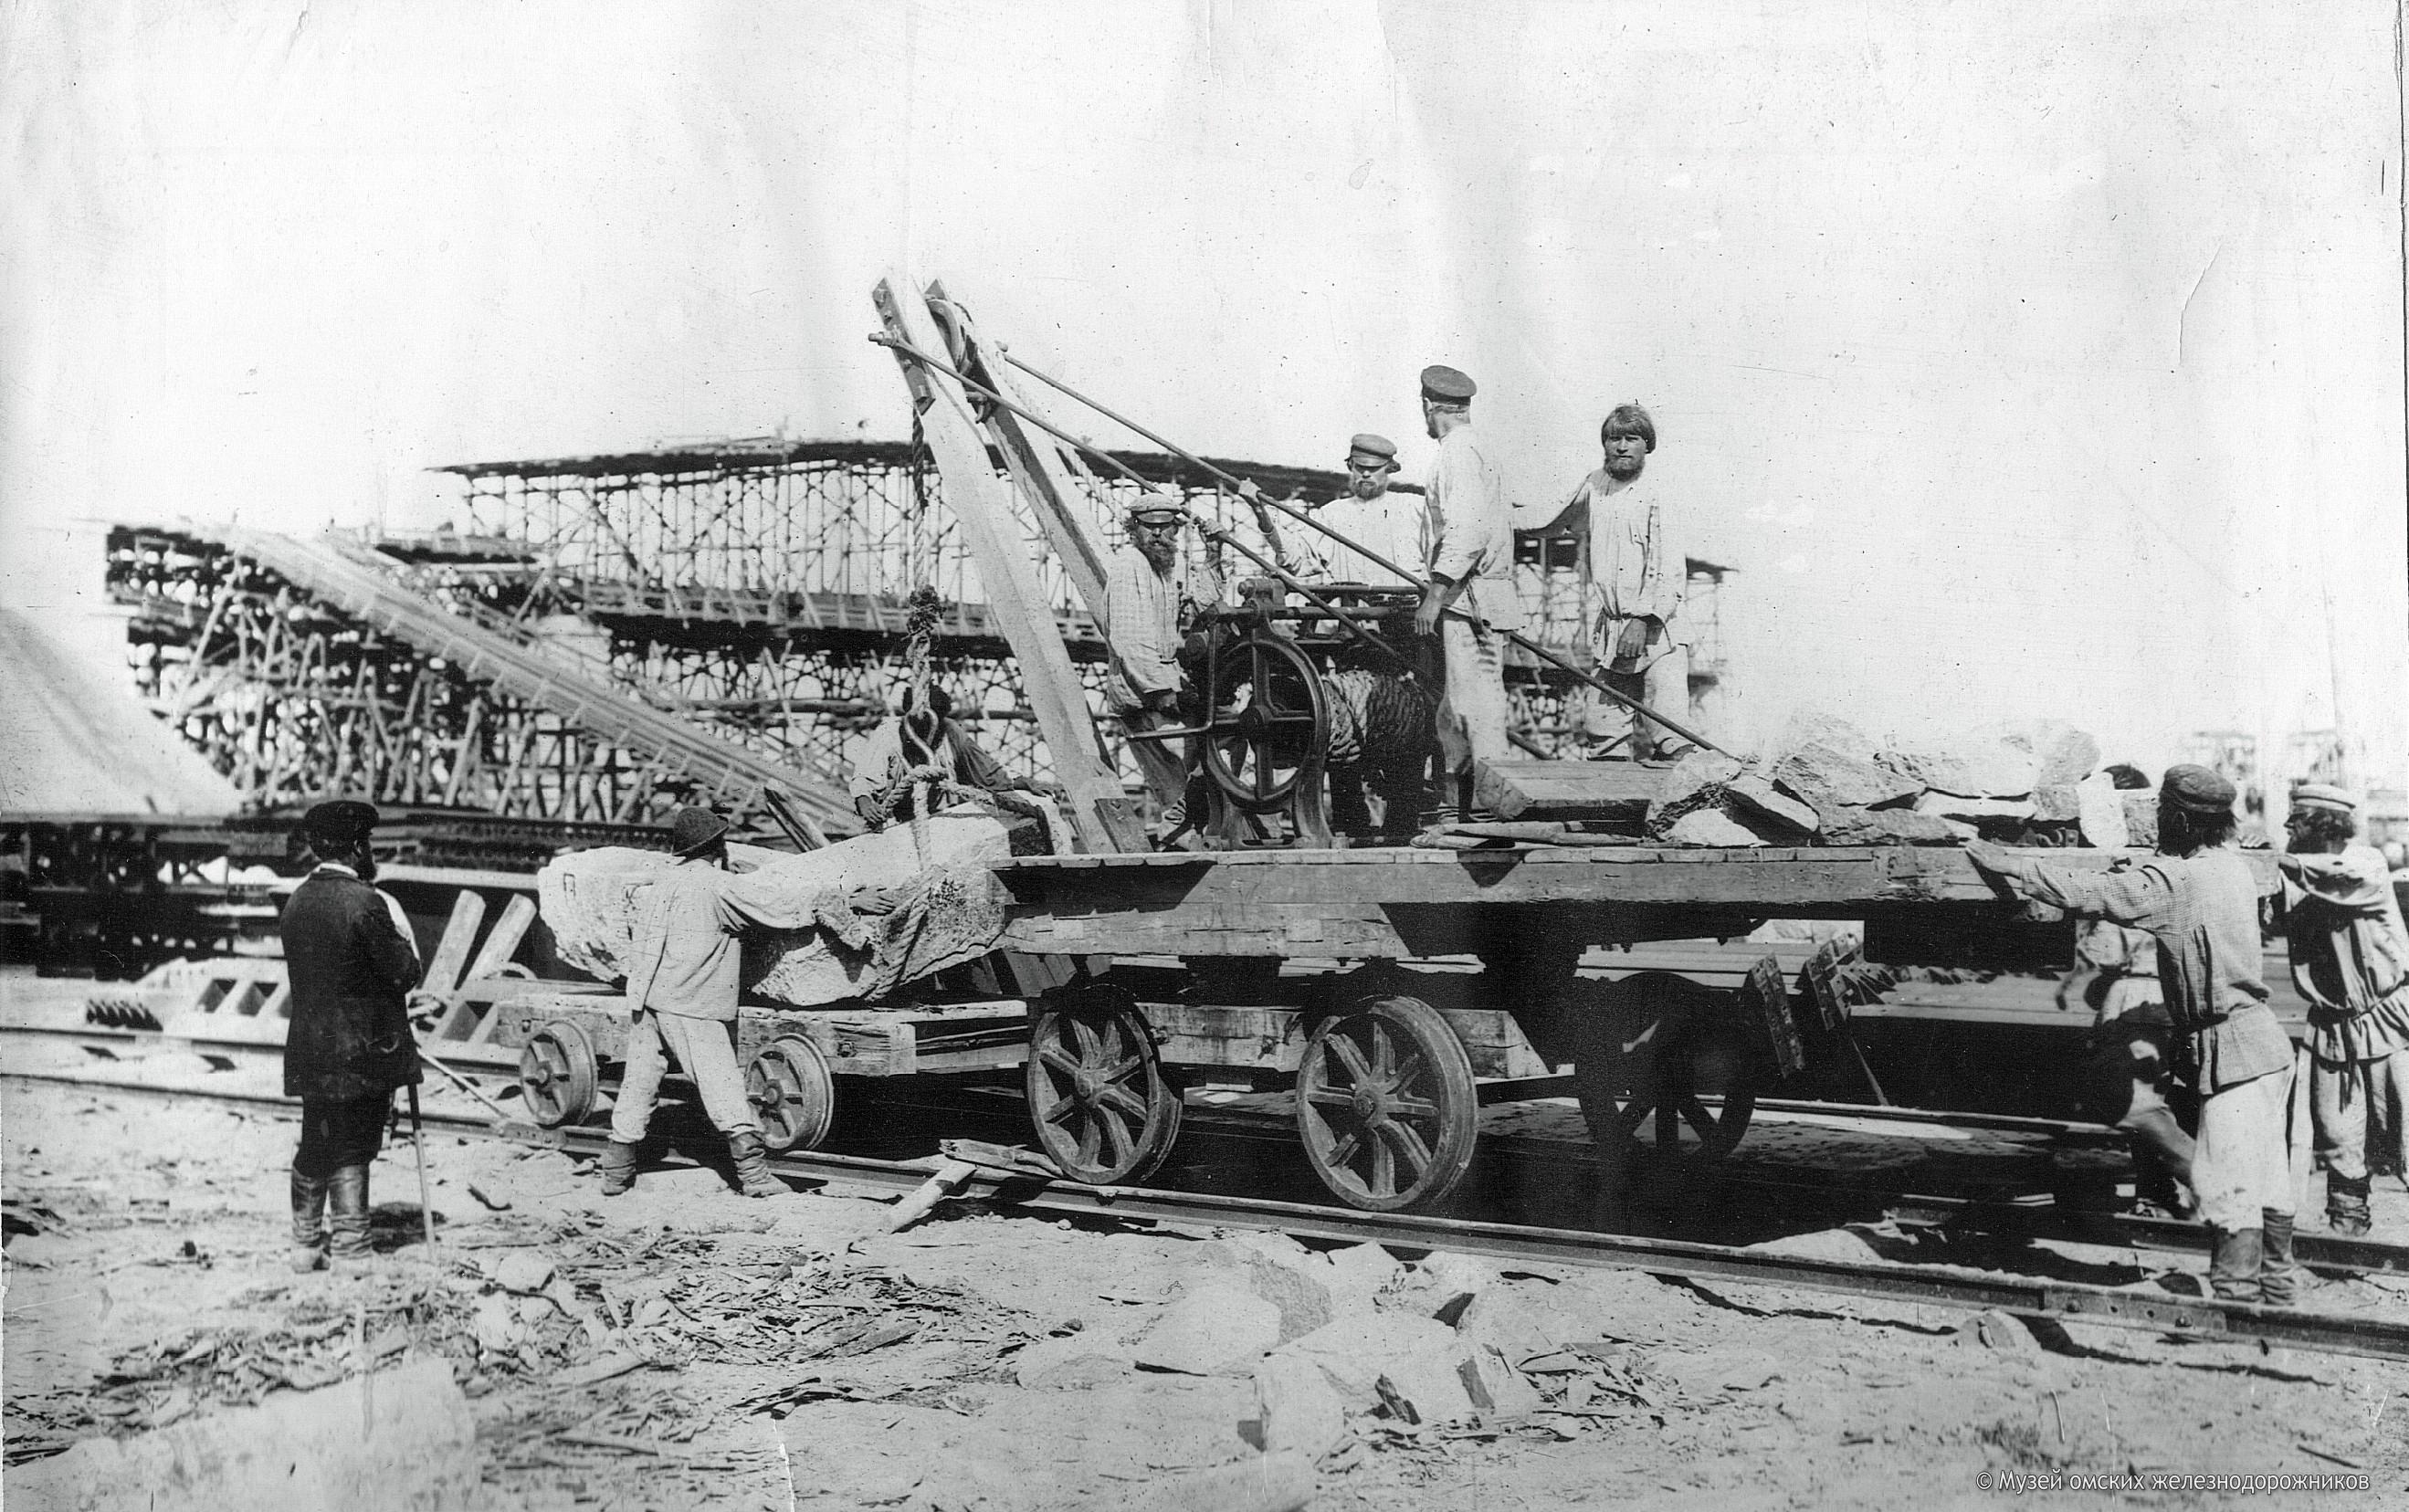 1895. Кран для перегрузки строительного камня для опор моста с барж на вагонетки